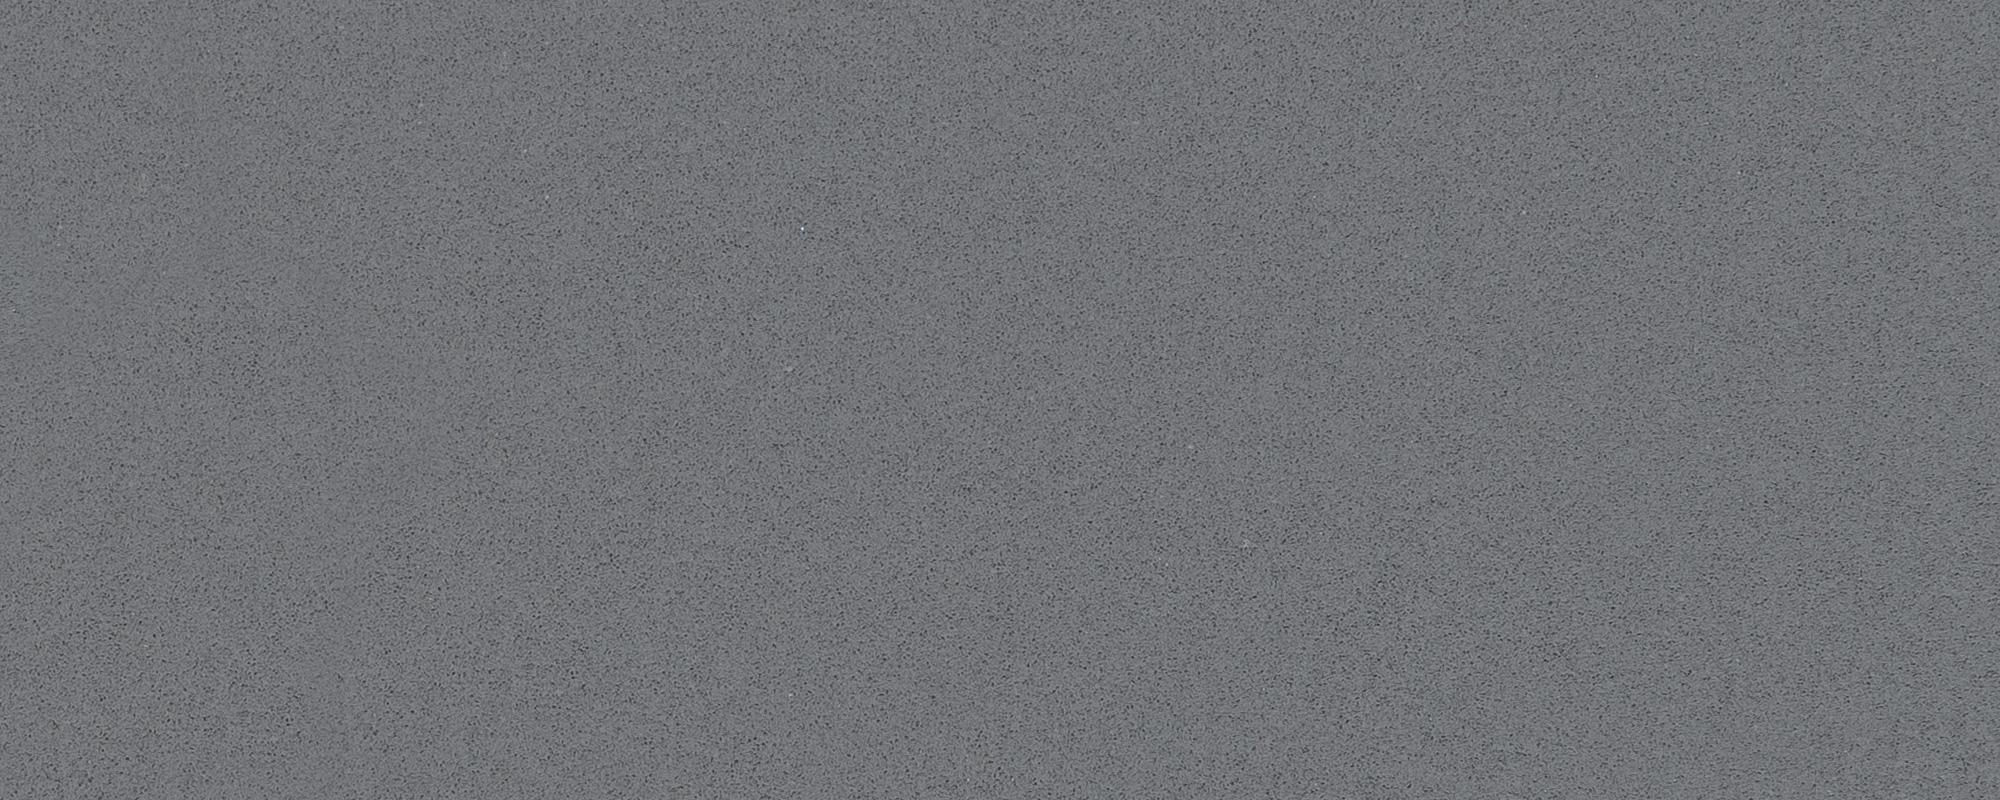 Cuarzo de color plomo colecci n genesis compac for Marmol gris oscuro